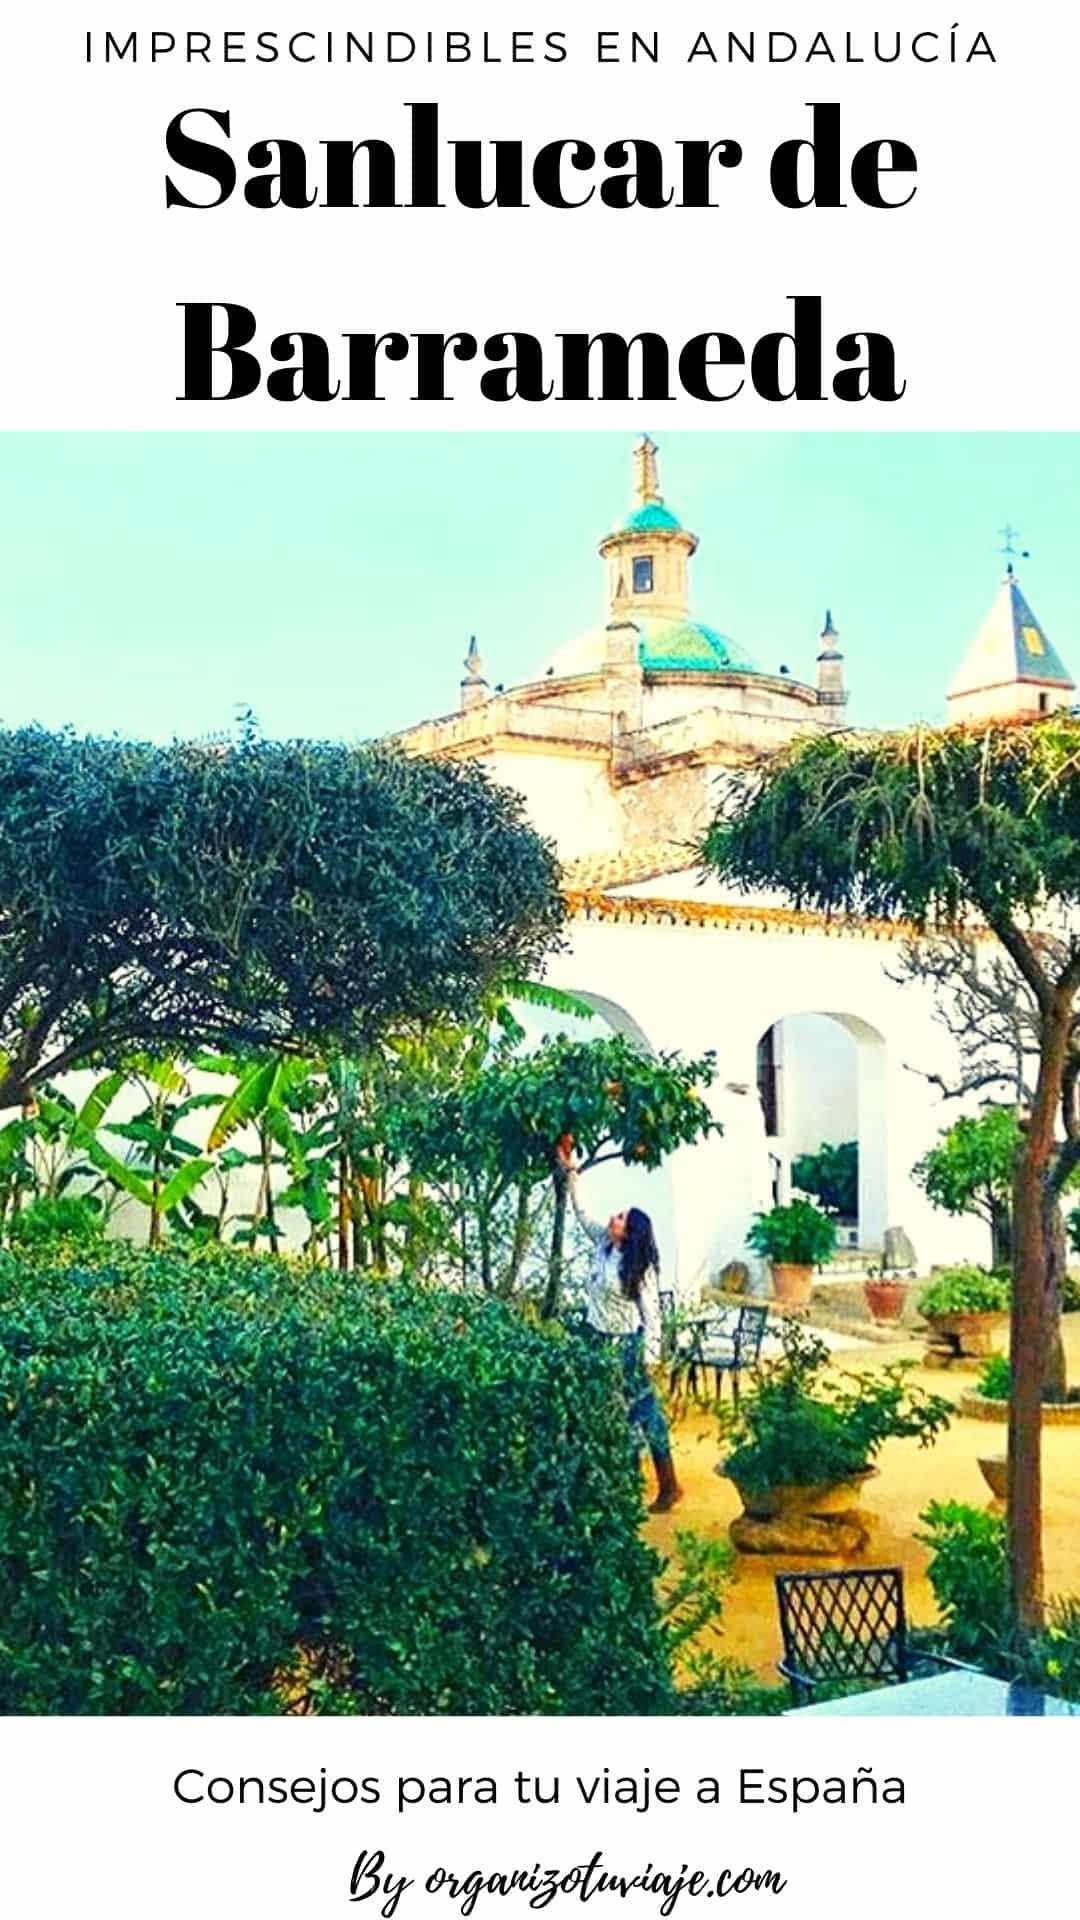 Qué ver y hacer en Sanlucar de Barrameda